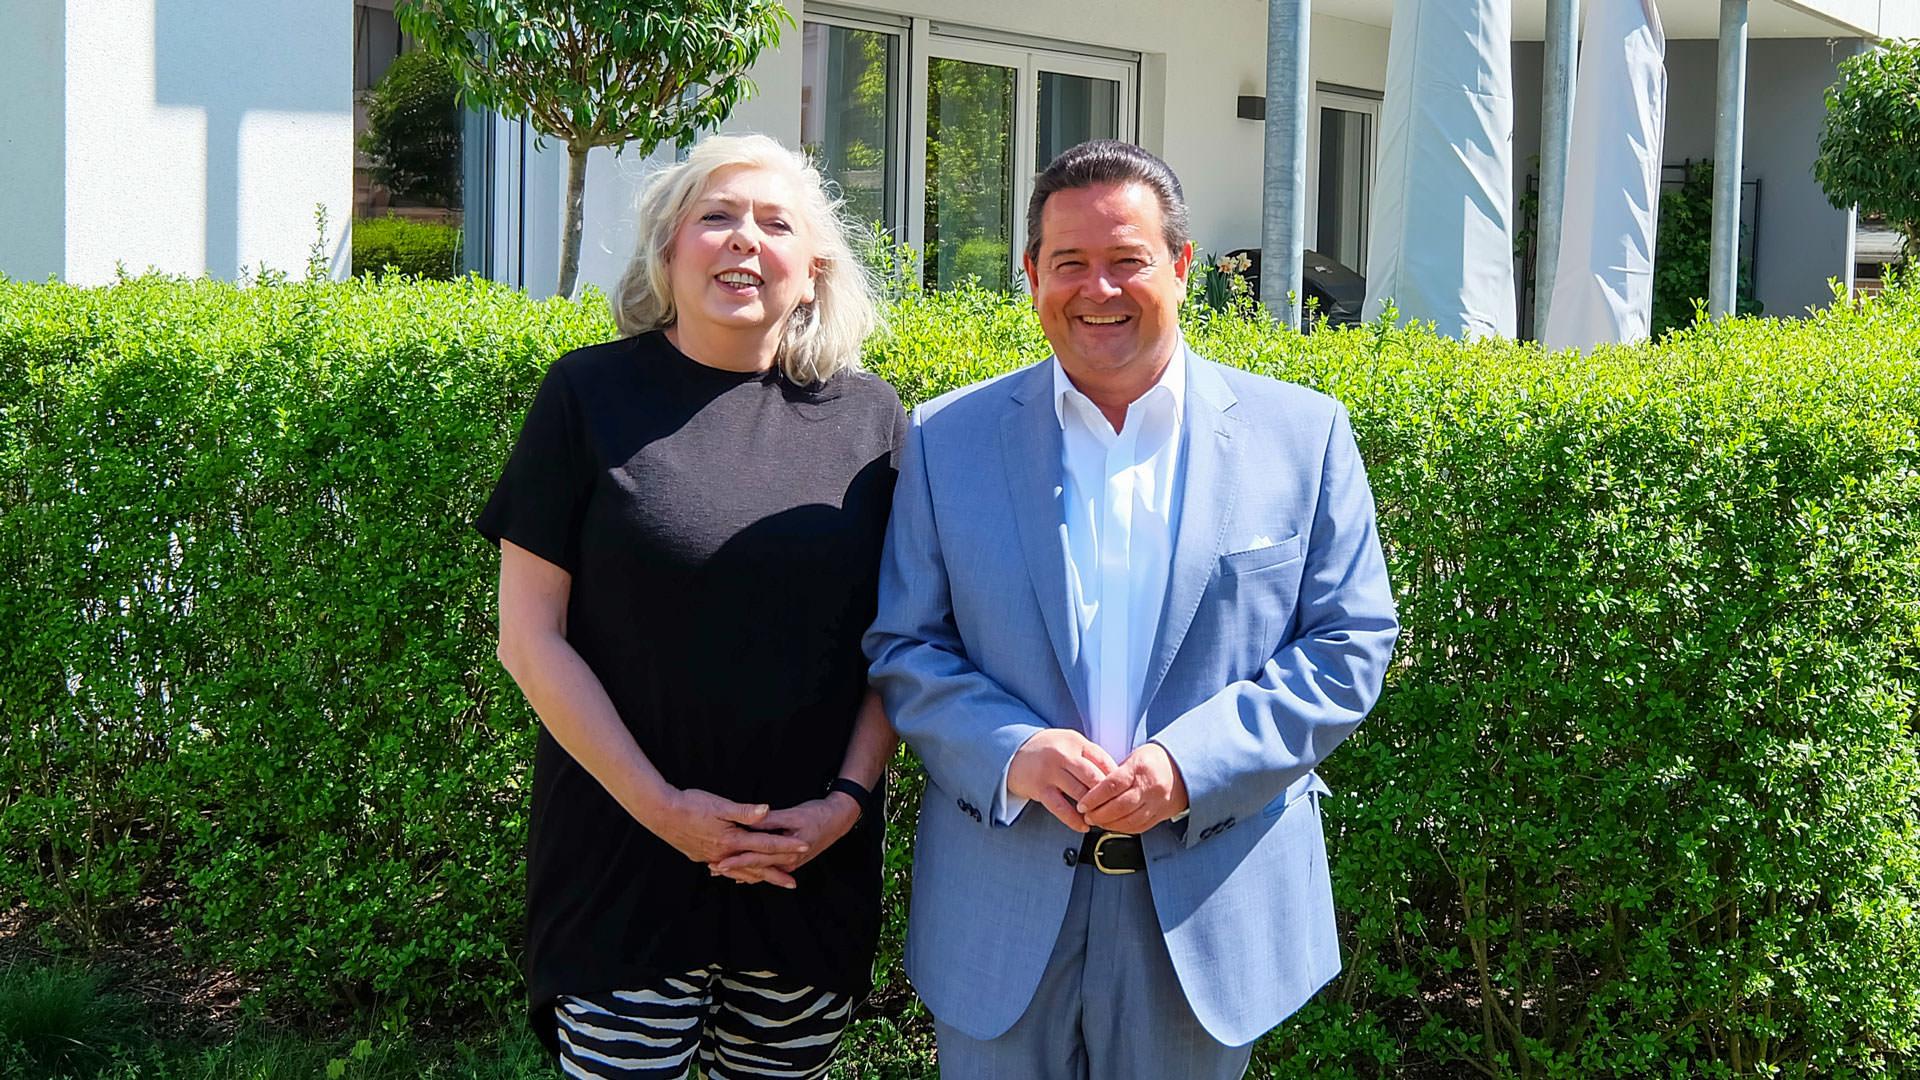 Sabine Knispel und Maik Hübner